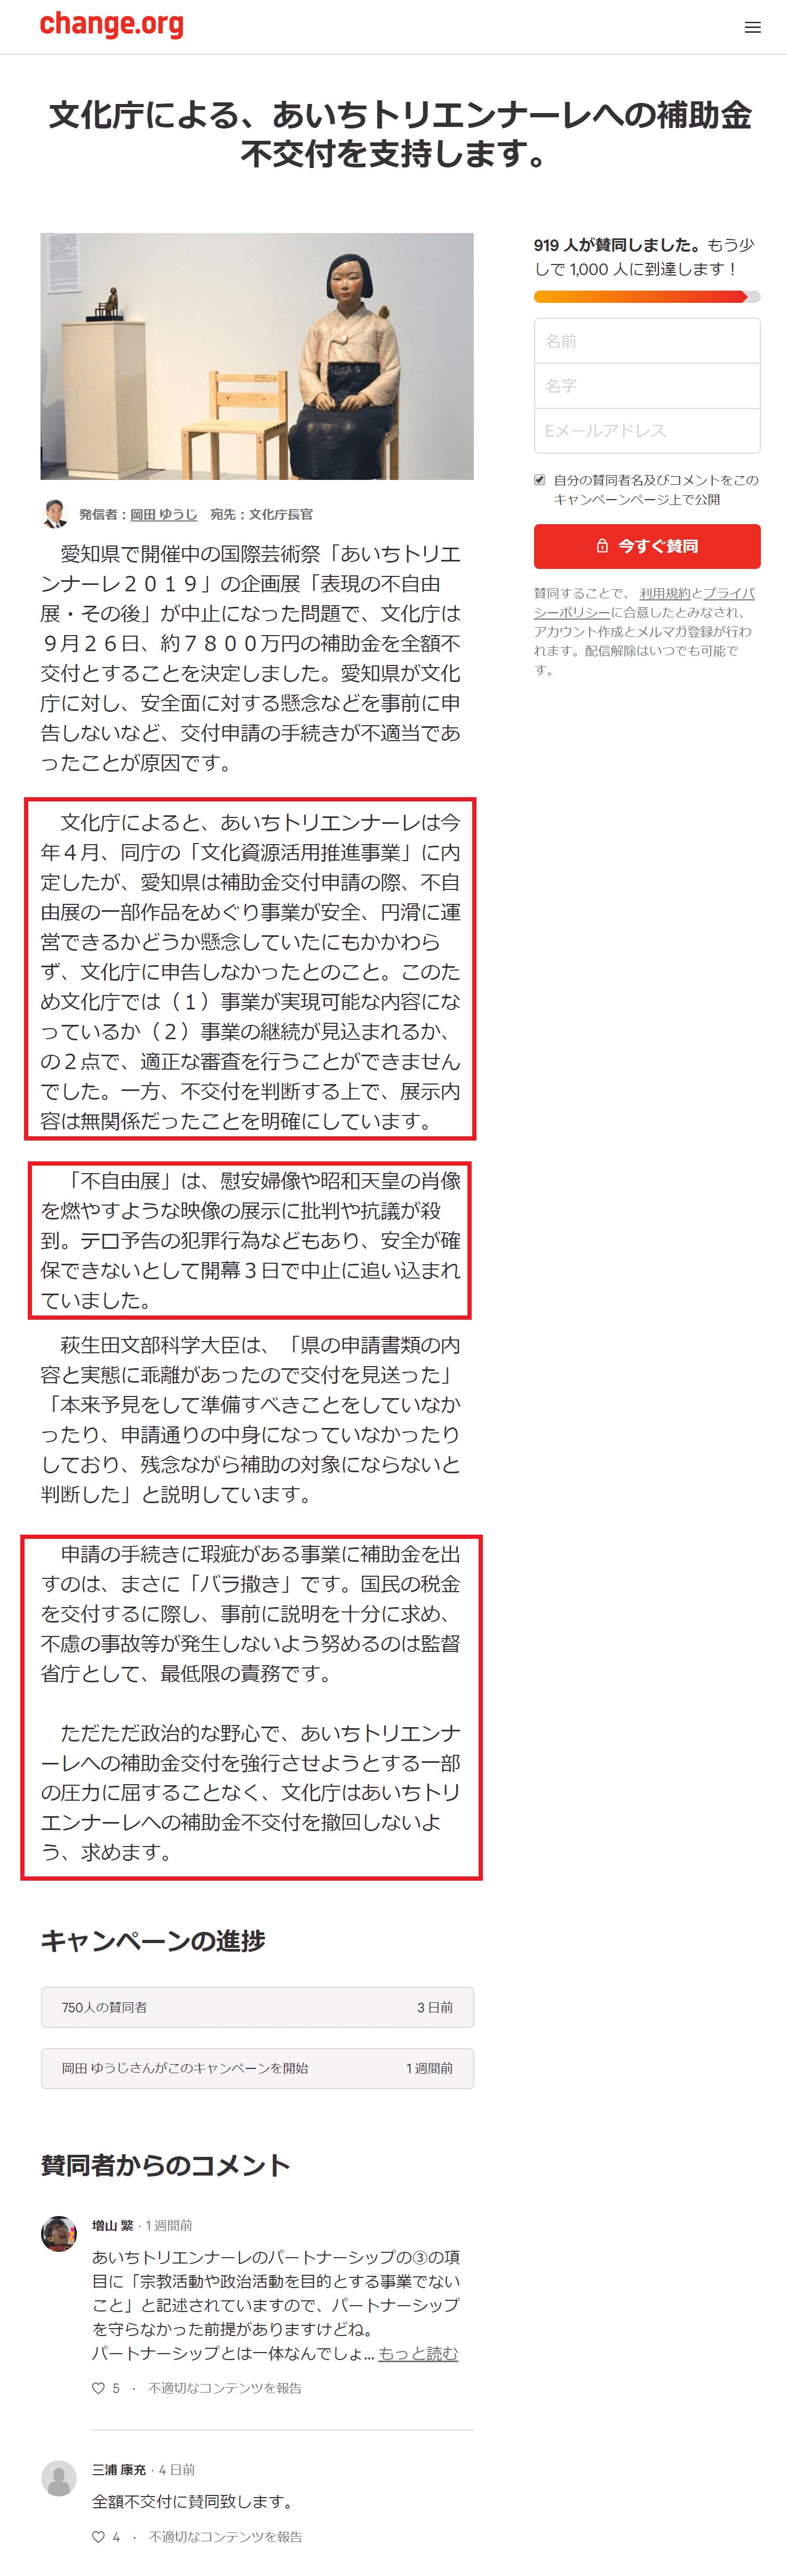 文化庁による、あいちトリエンナーレへの補助金不交付を支持する (1)